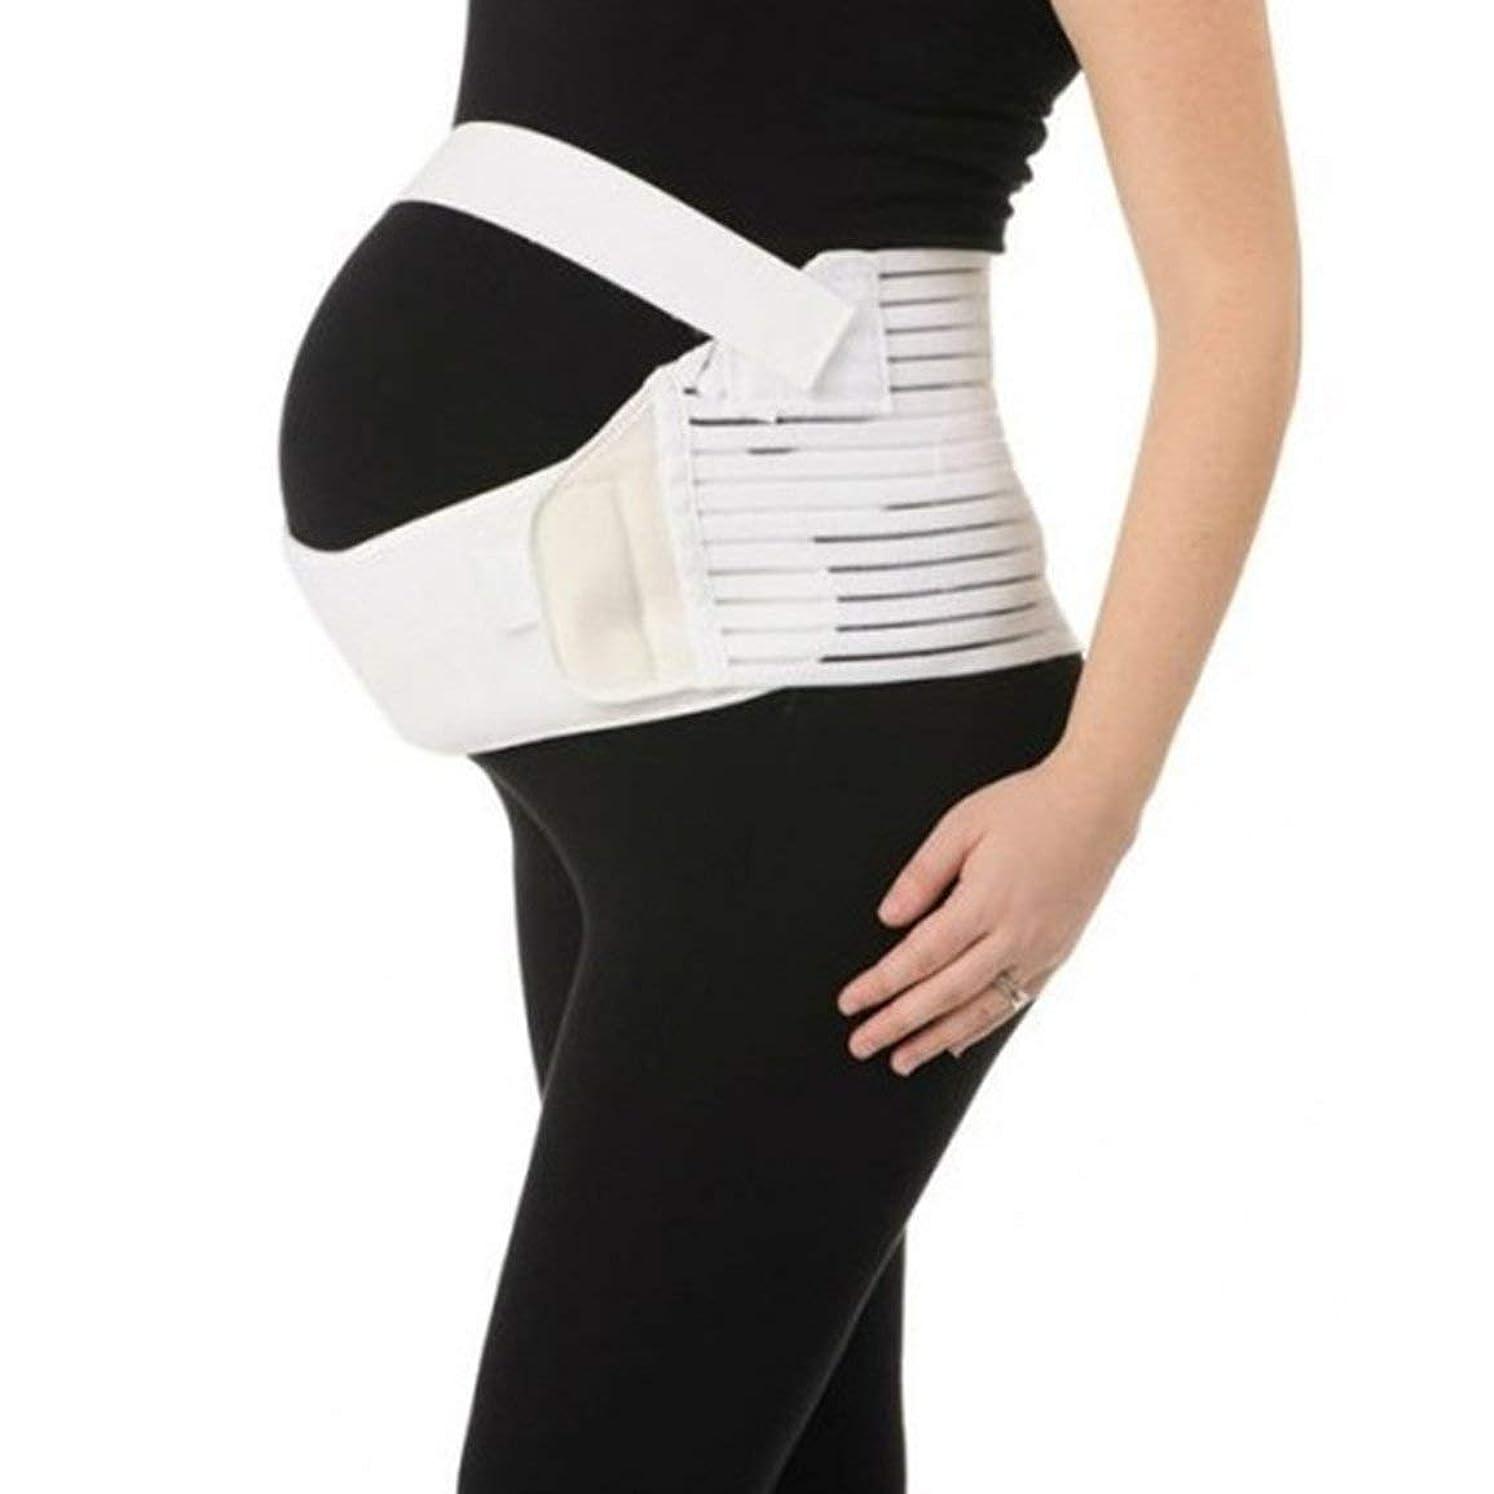 子猫正午保安通気性マタニティベルト妊娠腹部サポート腹部バインダーガードル運動包帯産後回復形状ウェア - ホワイトXL